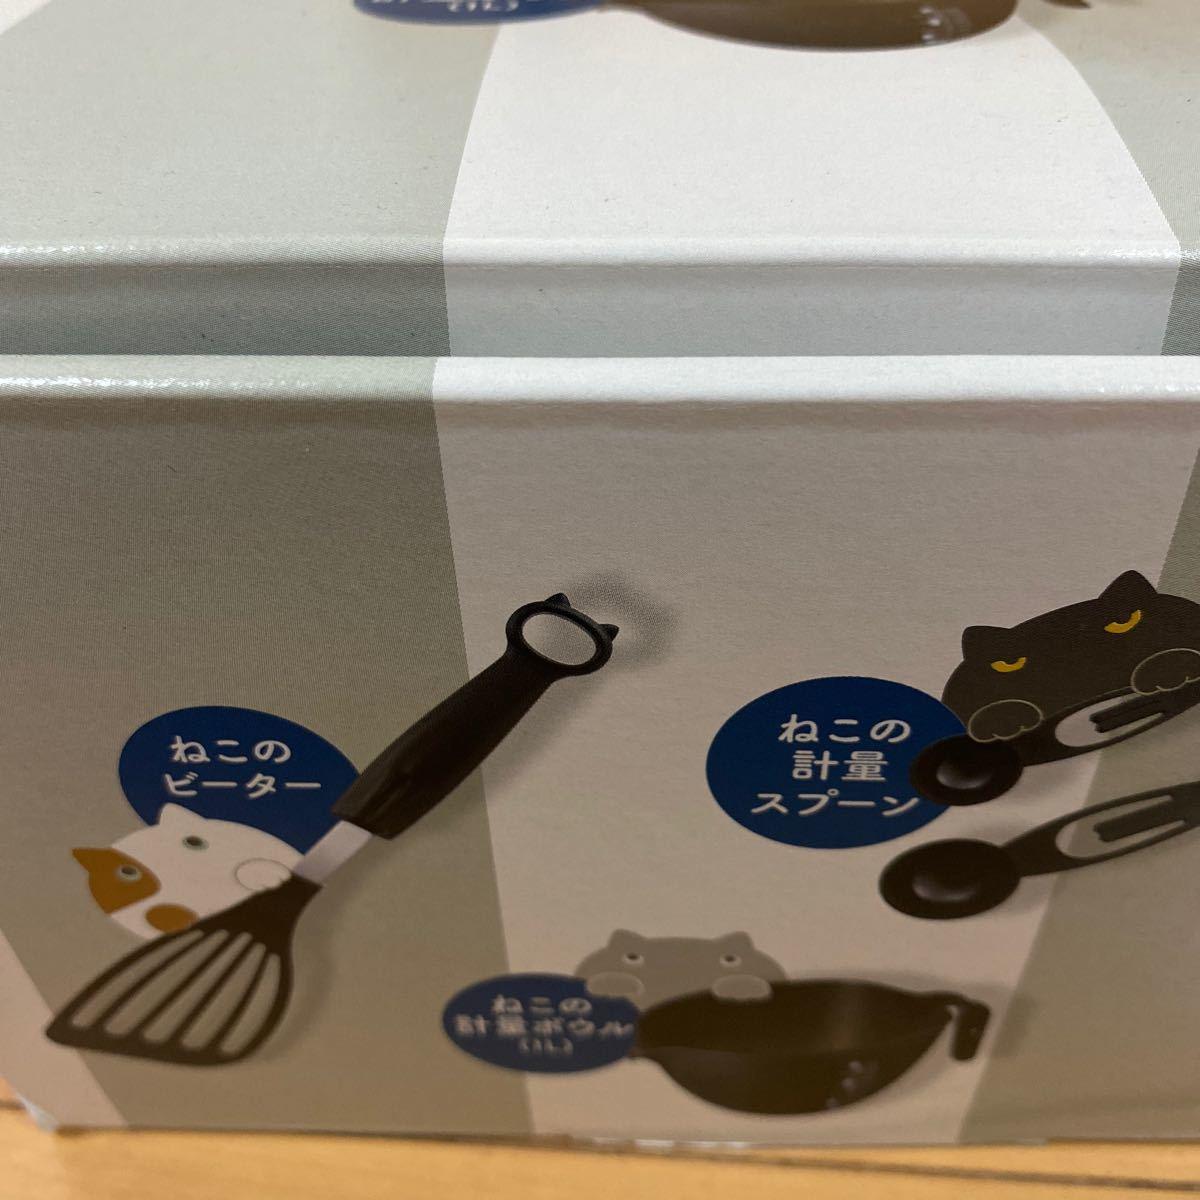 フライパン 炒め鍋 計量スプーン ボウル ビーター セット